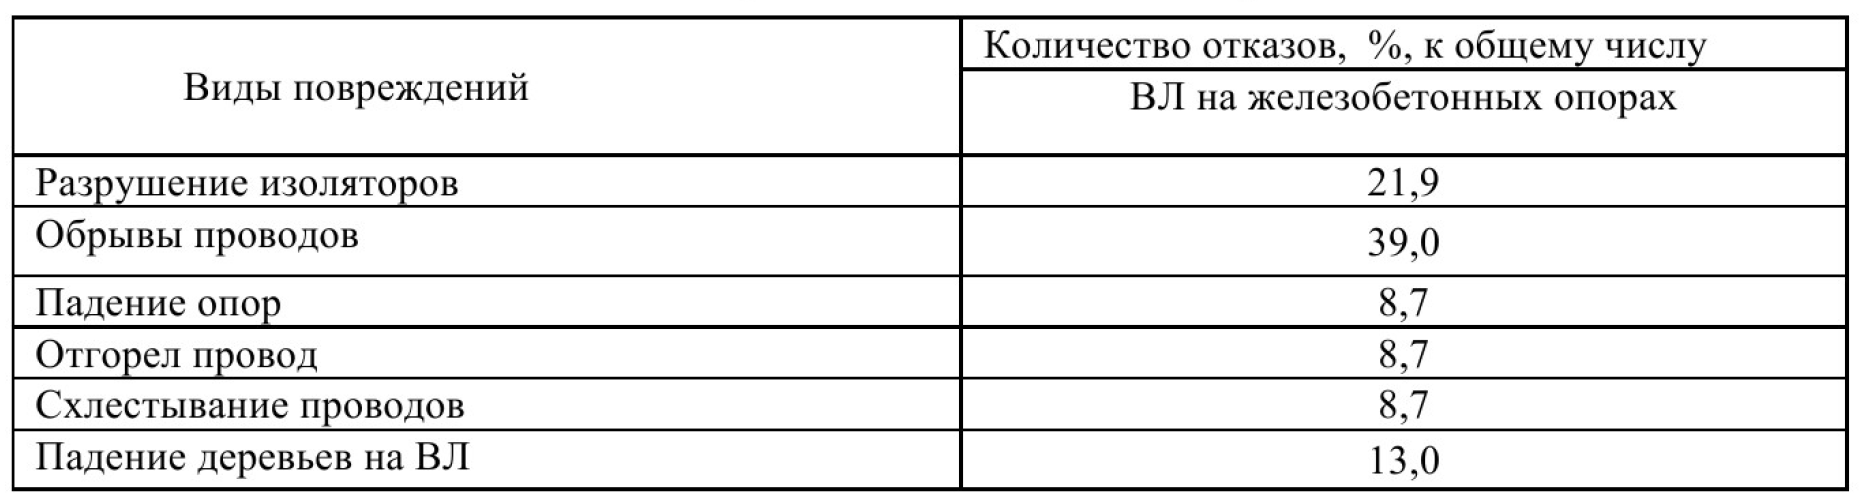 Эксплуатационная надежность стационарных электрических сетей угольных разрезов Кузбасса 2